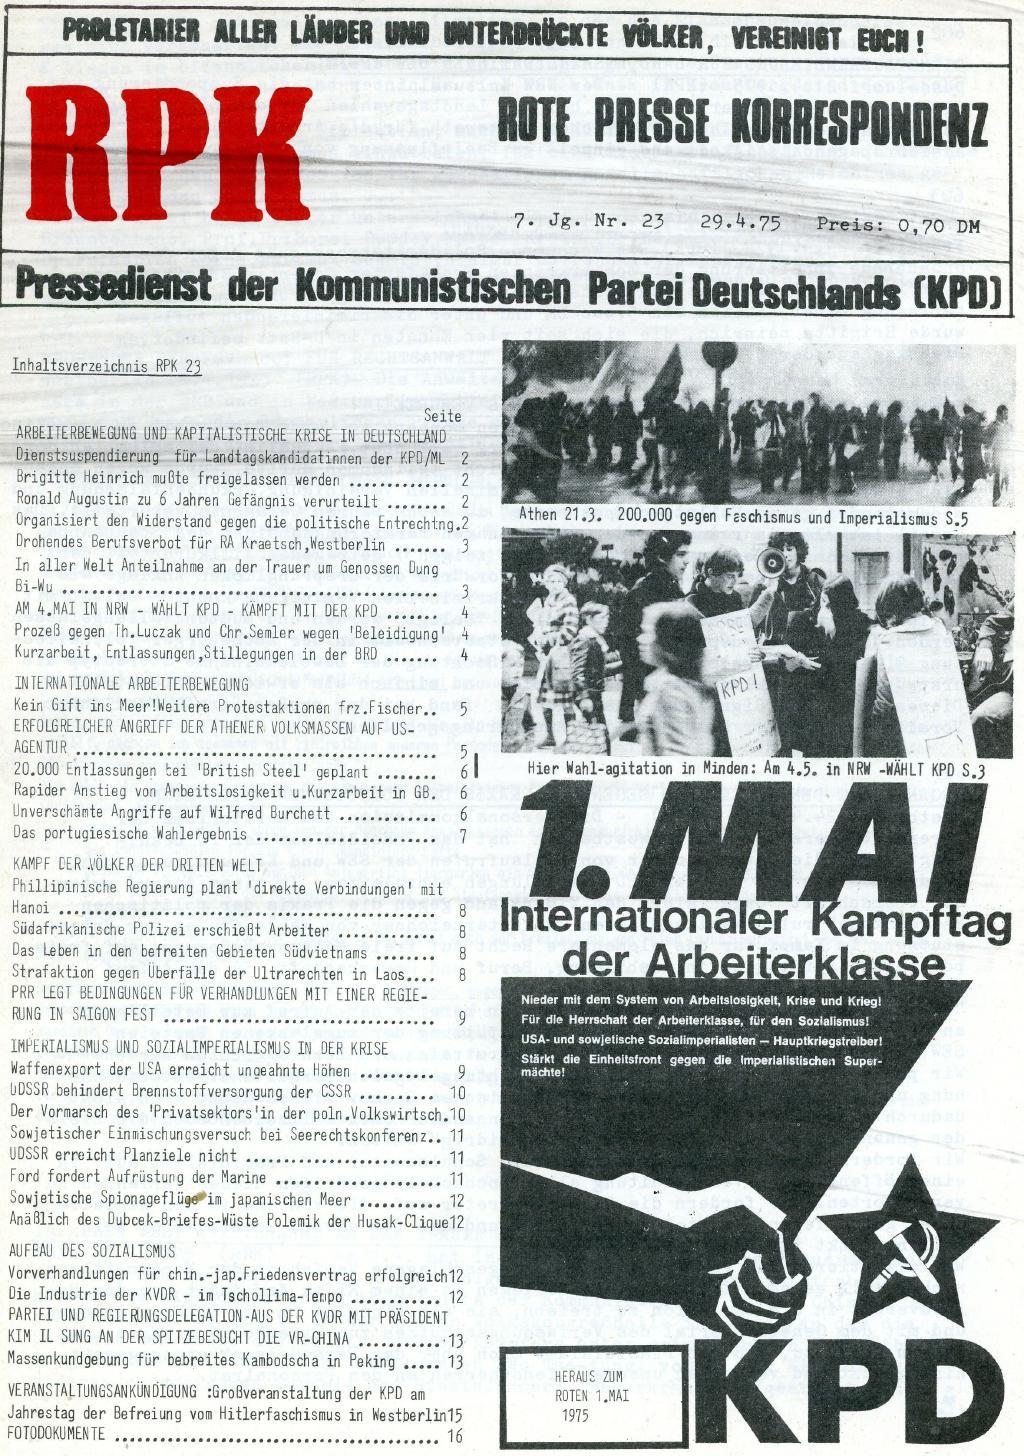 RPK_Pressedienst_1975_23_01